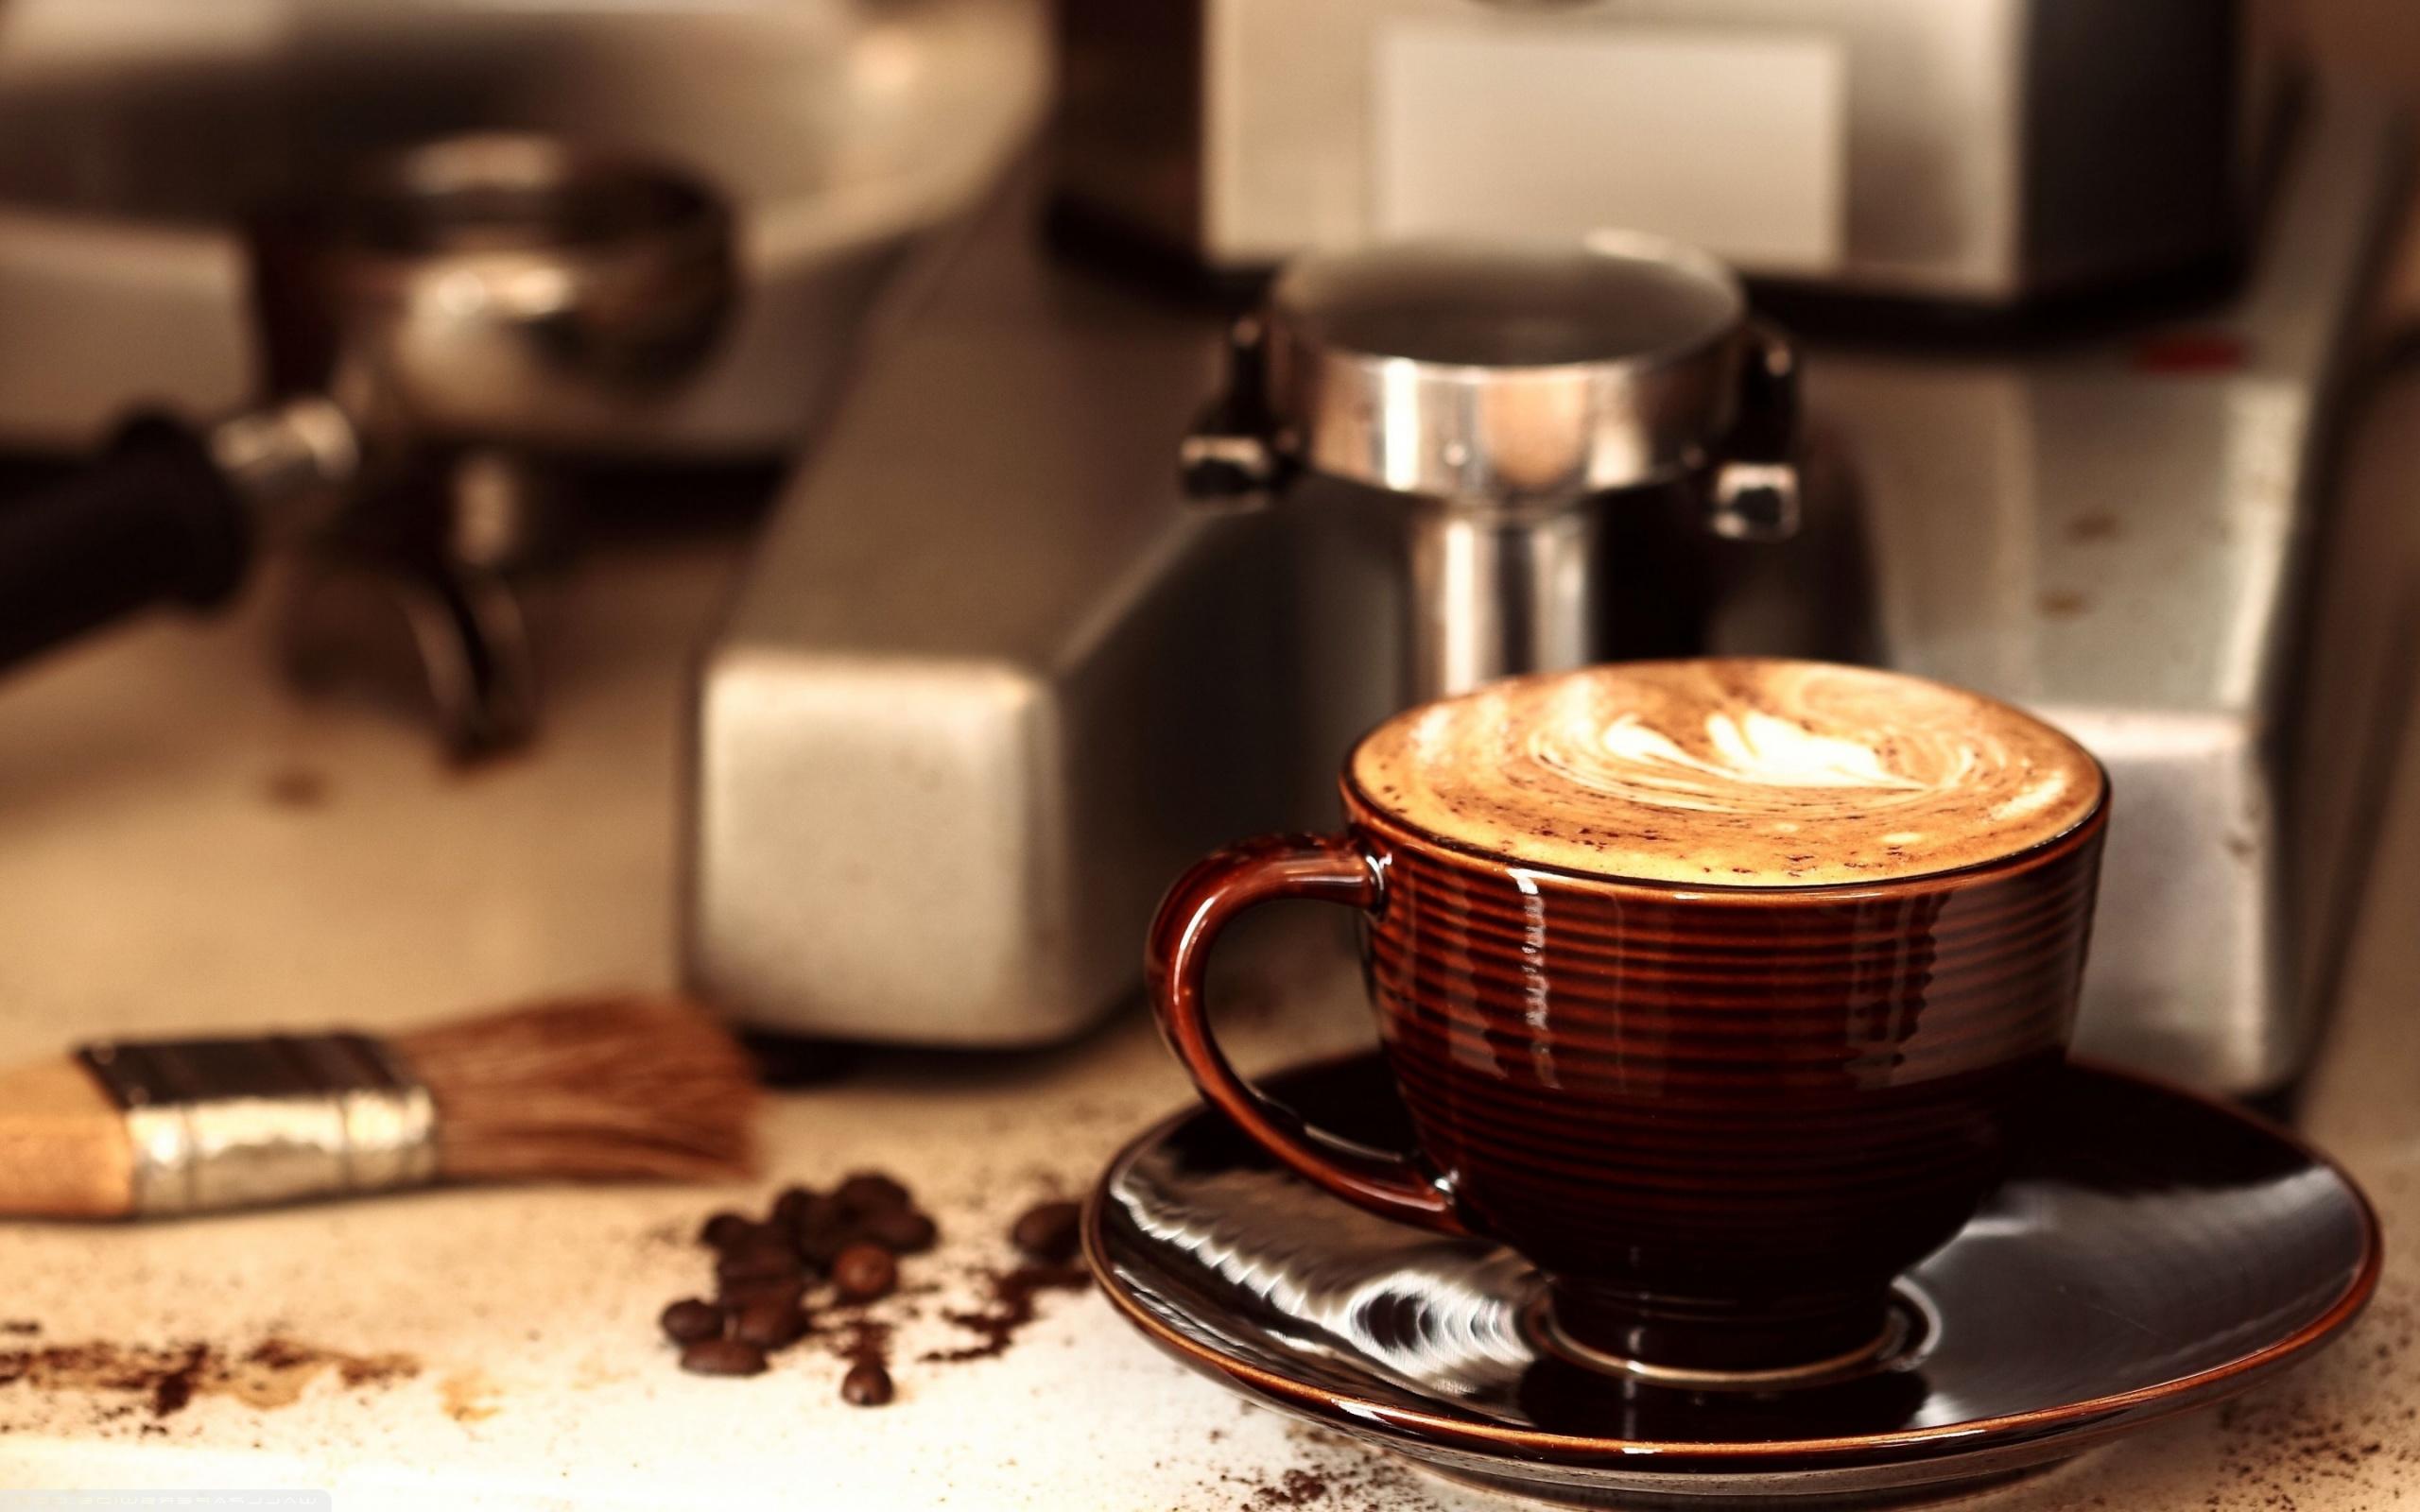 Кофемашина. Достоинства и недостатки машин для приготовления кофе